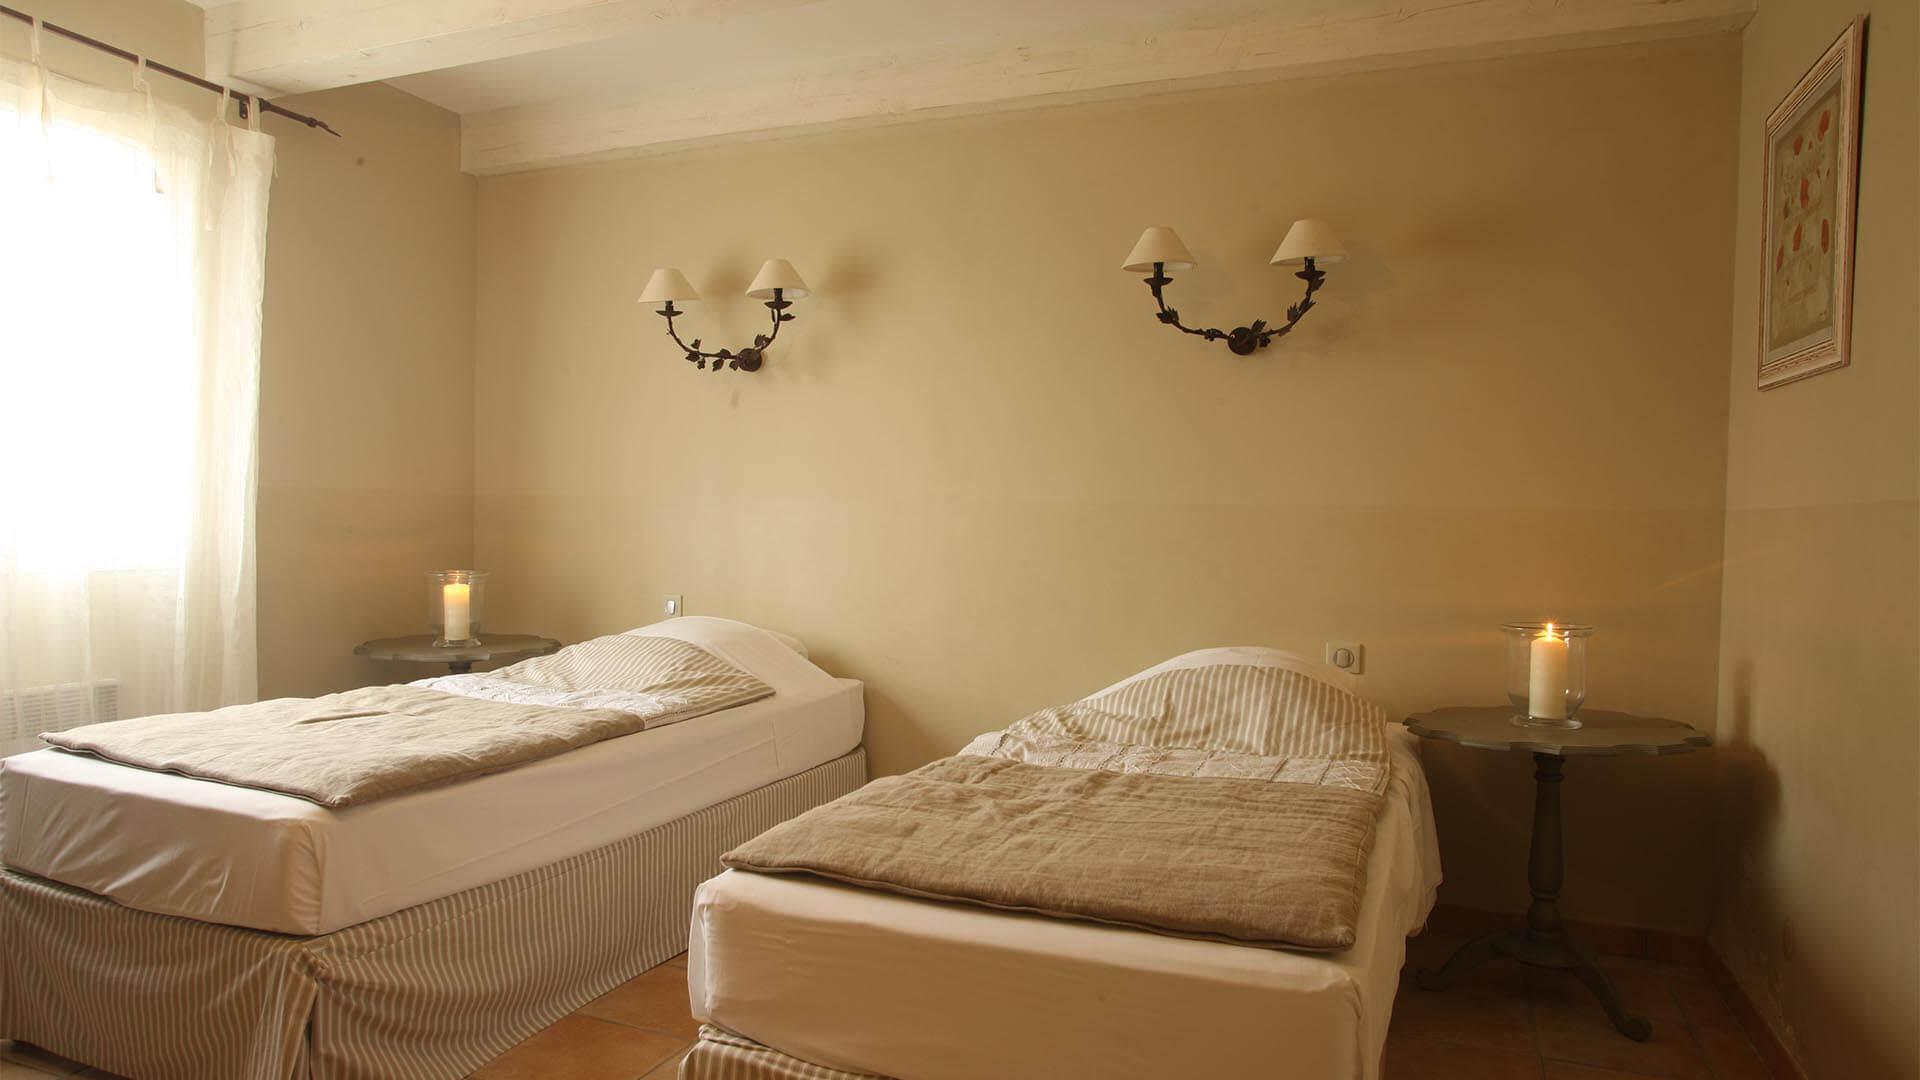 Location maison de vacances 04 | Villa sous la tonnelle | Chambre deux lits simples